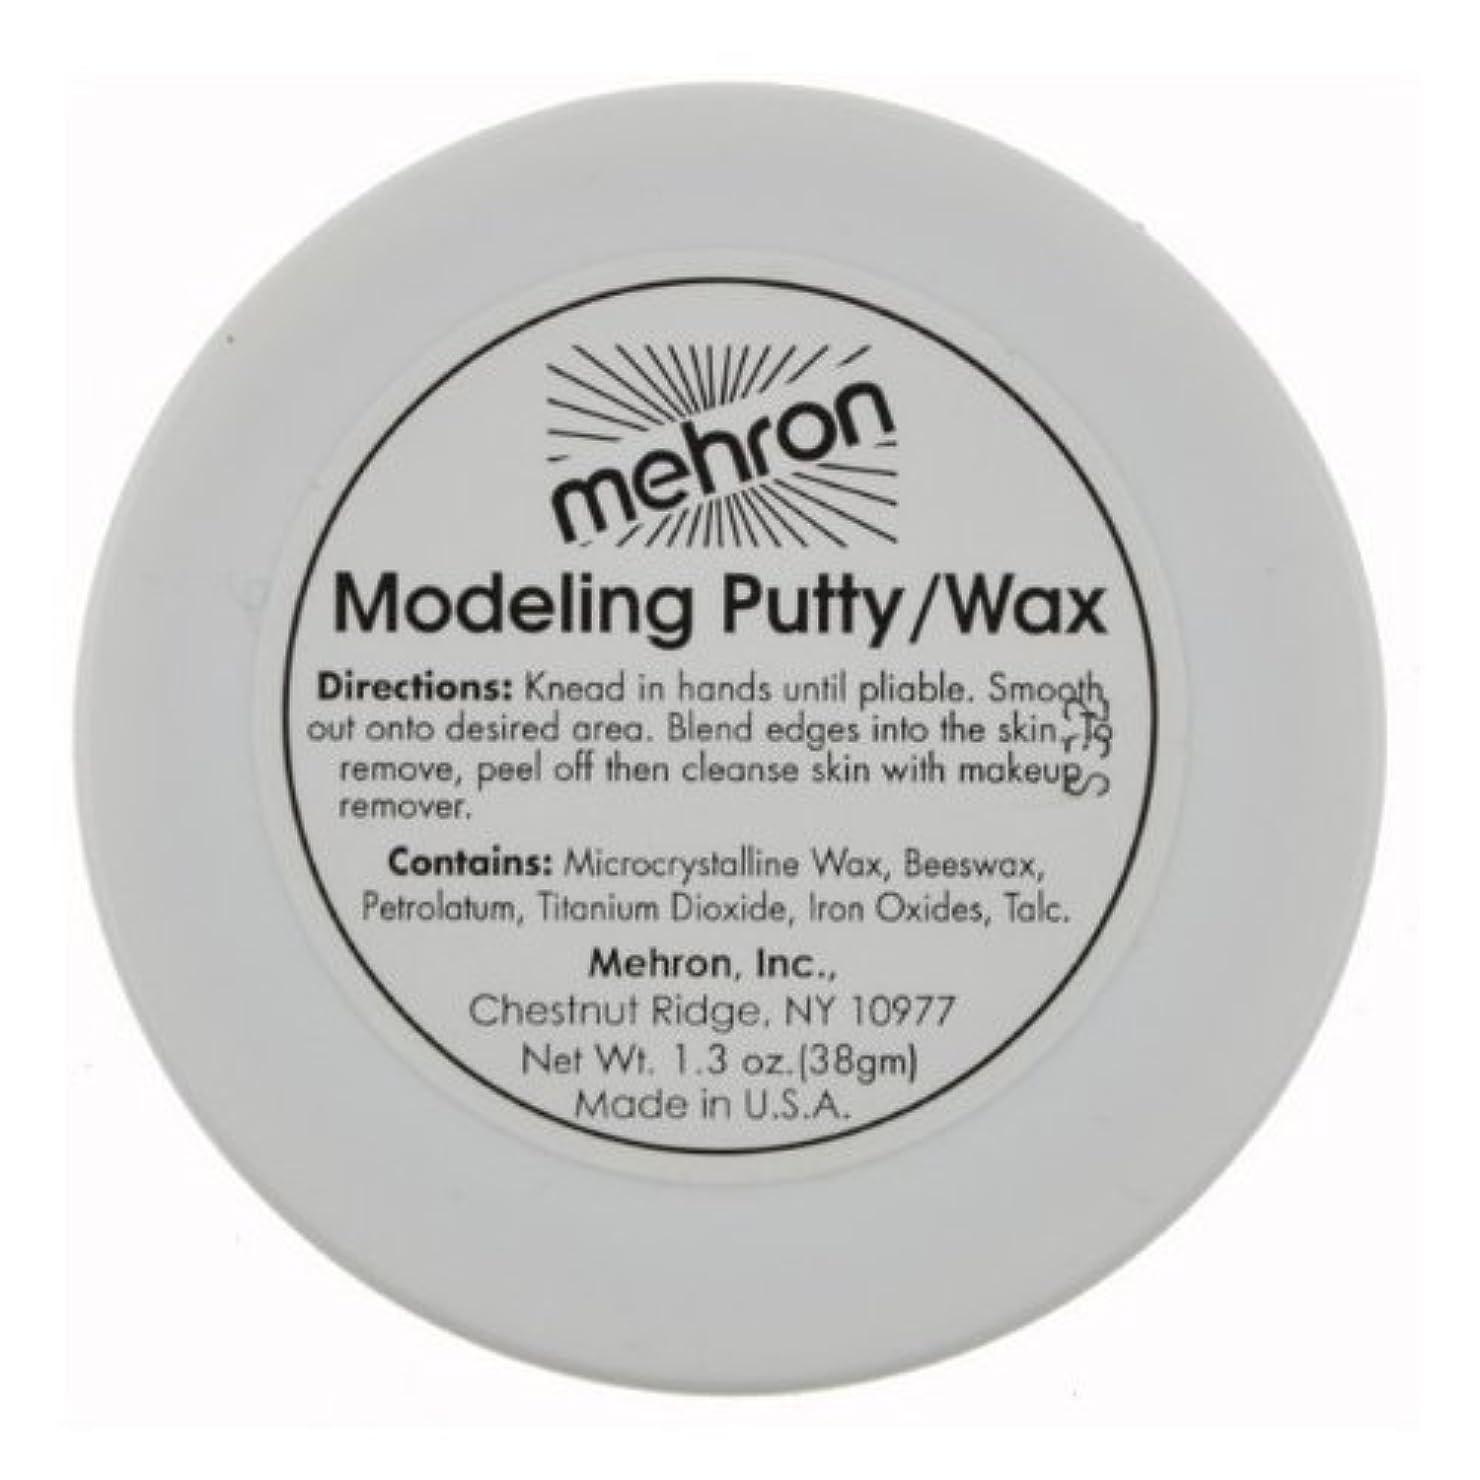 旧正月リクルート調停者mehron Modeling Putty / Wax (並行輸入品)